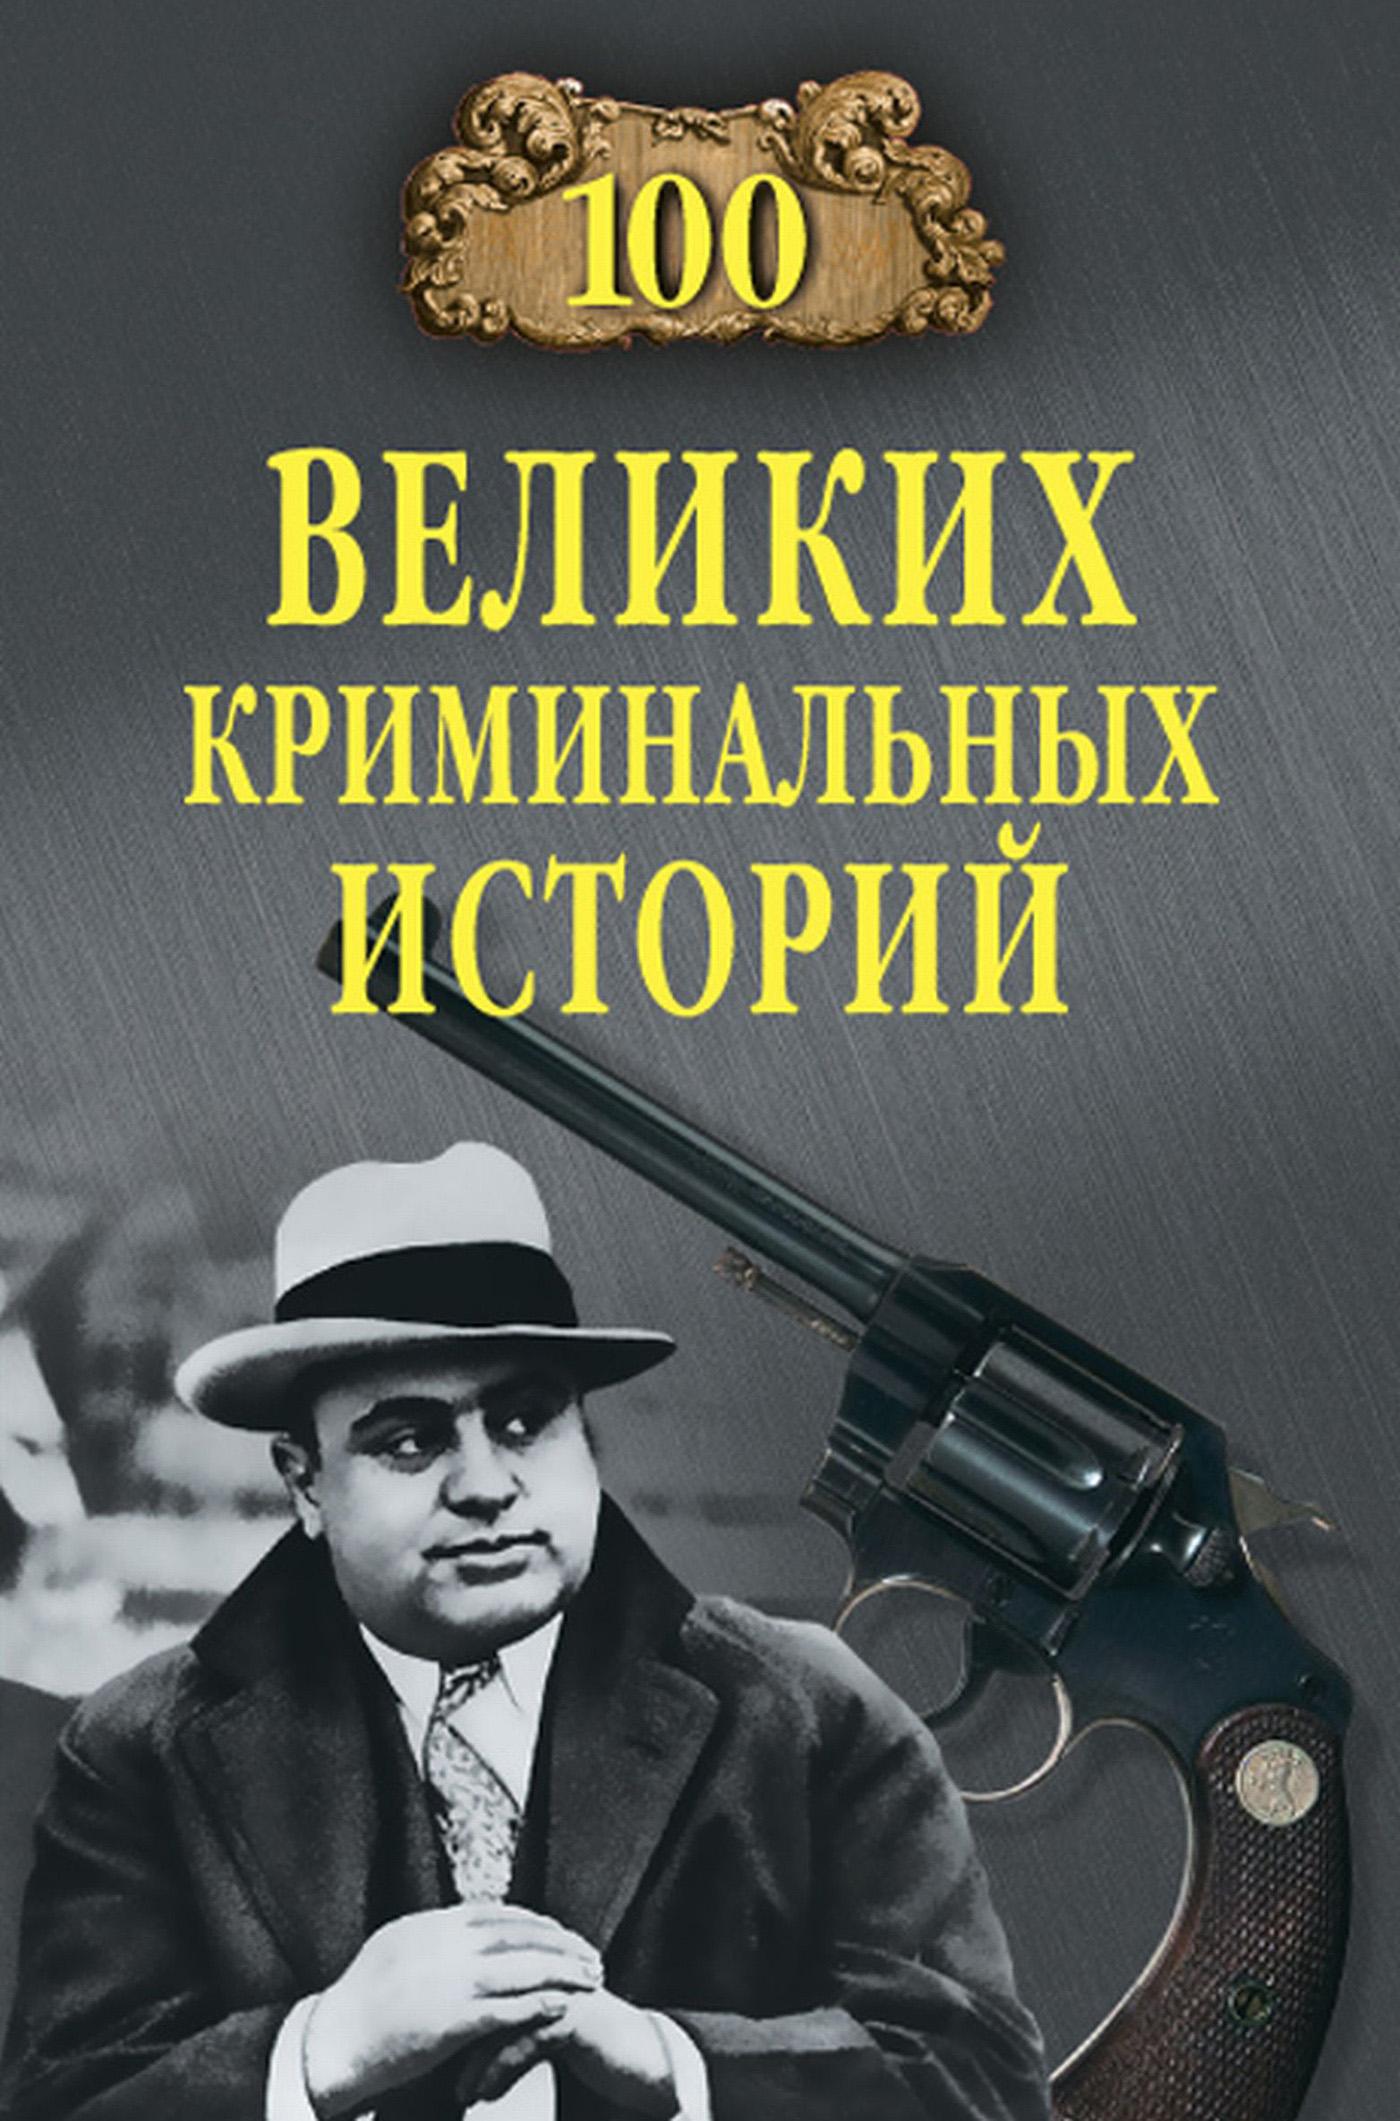 Михаил Кубеев 100 великих криминальных историй михаил кубеев 100 великих любовных историй